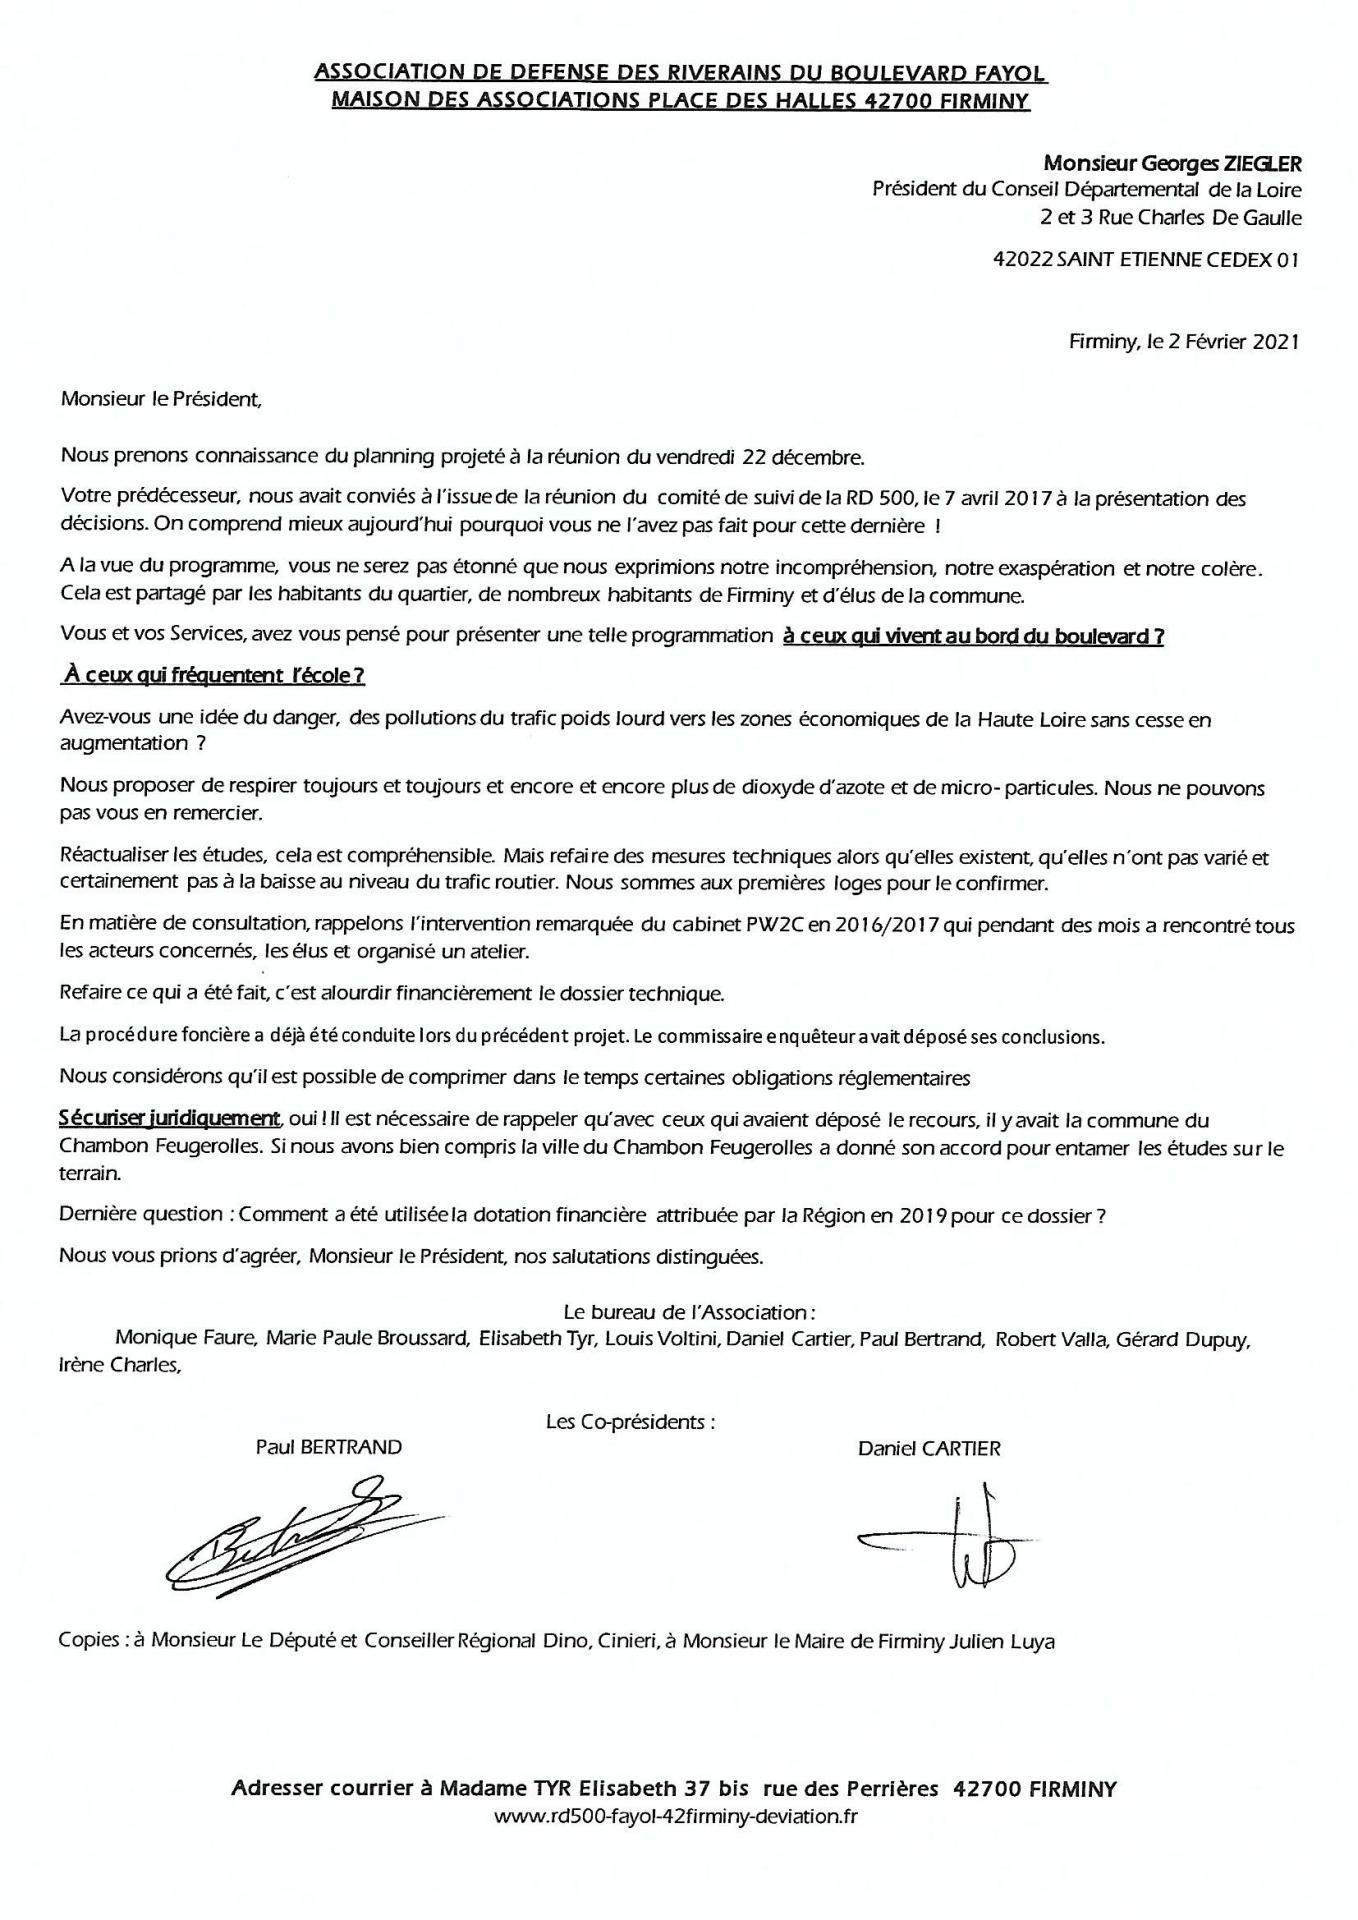 Lettre au Président Ziegler 02 02 2021 jpg